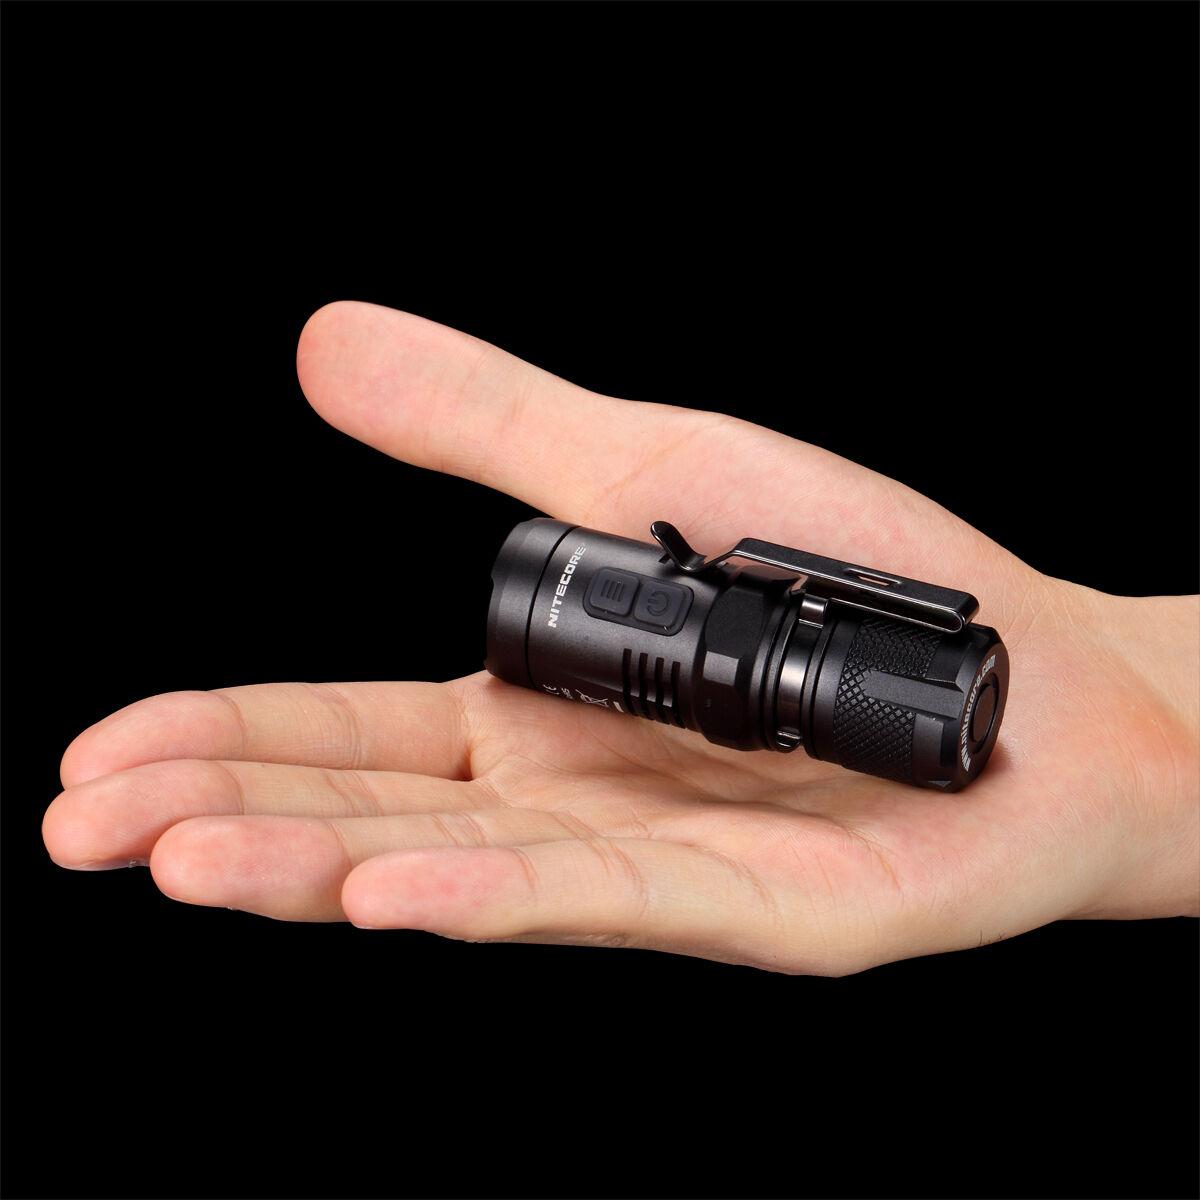 Nitecore EC11 U2 900 Lumens Brightest Mini Cree XM-L2 U2 EC11 LED Flashlight aa2ea9